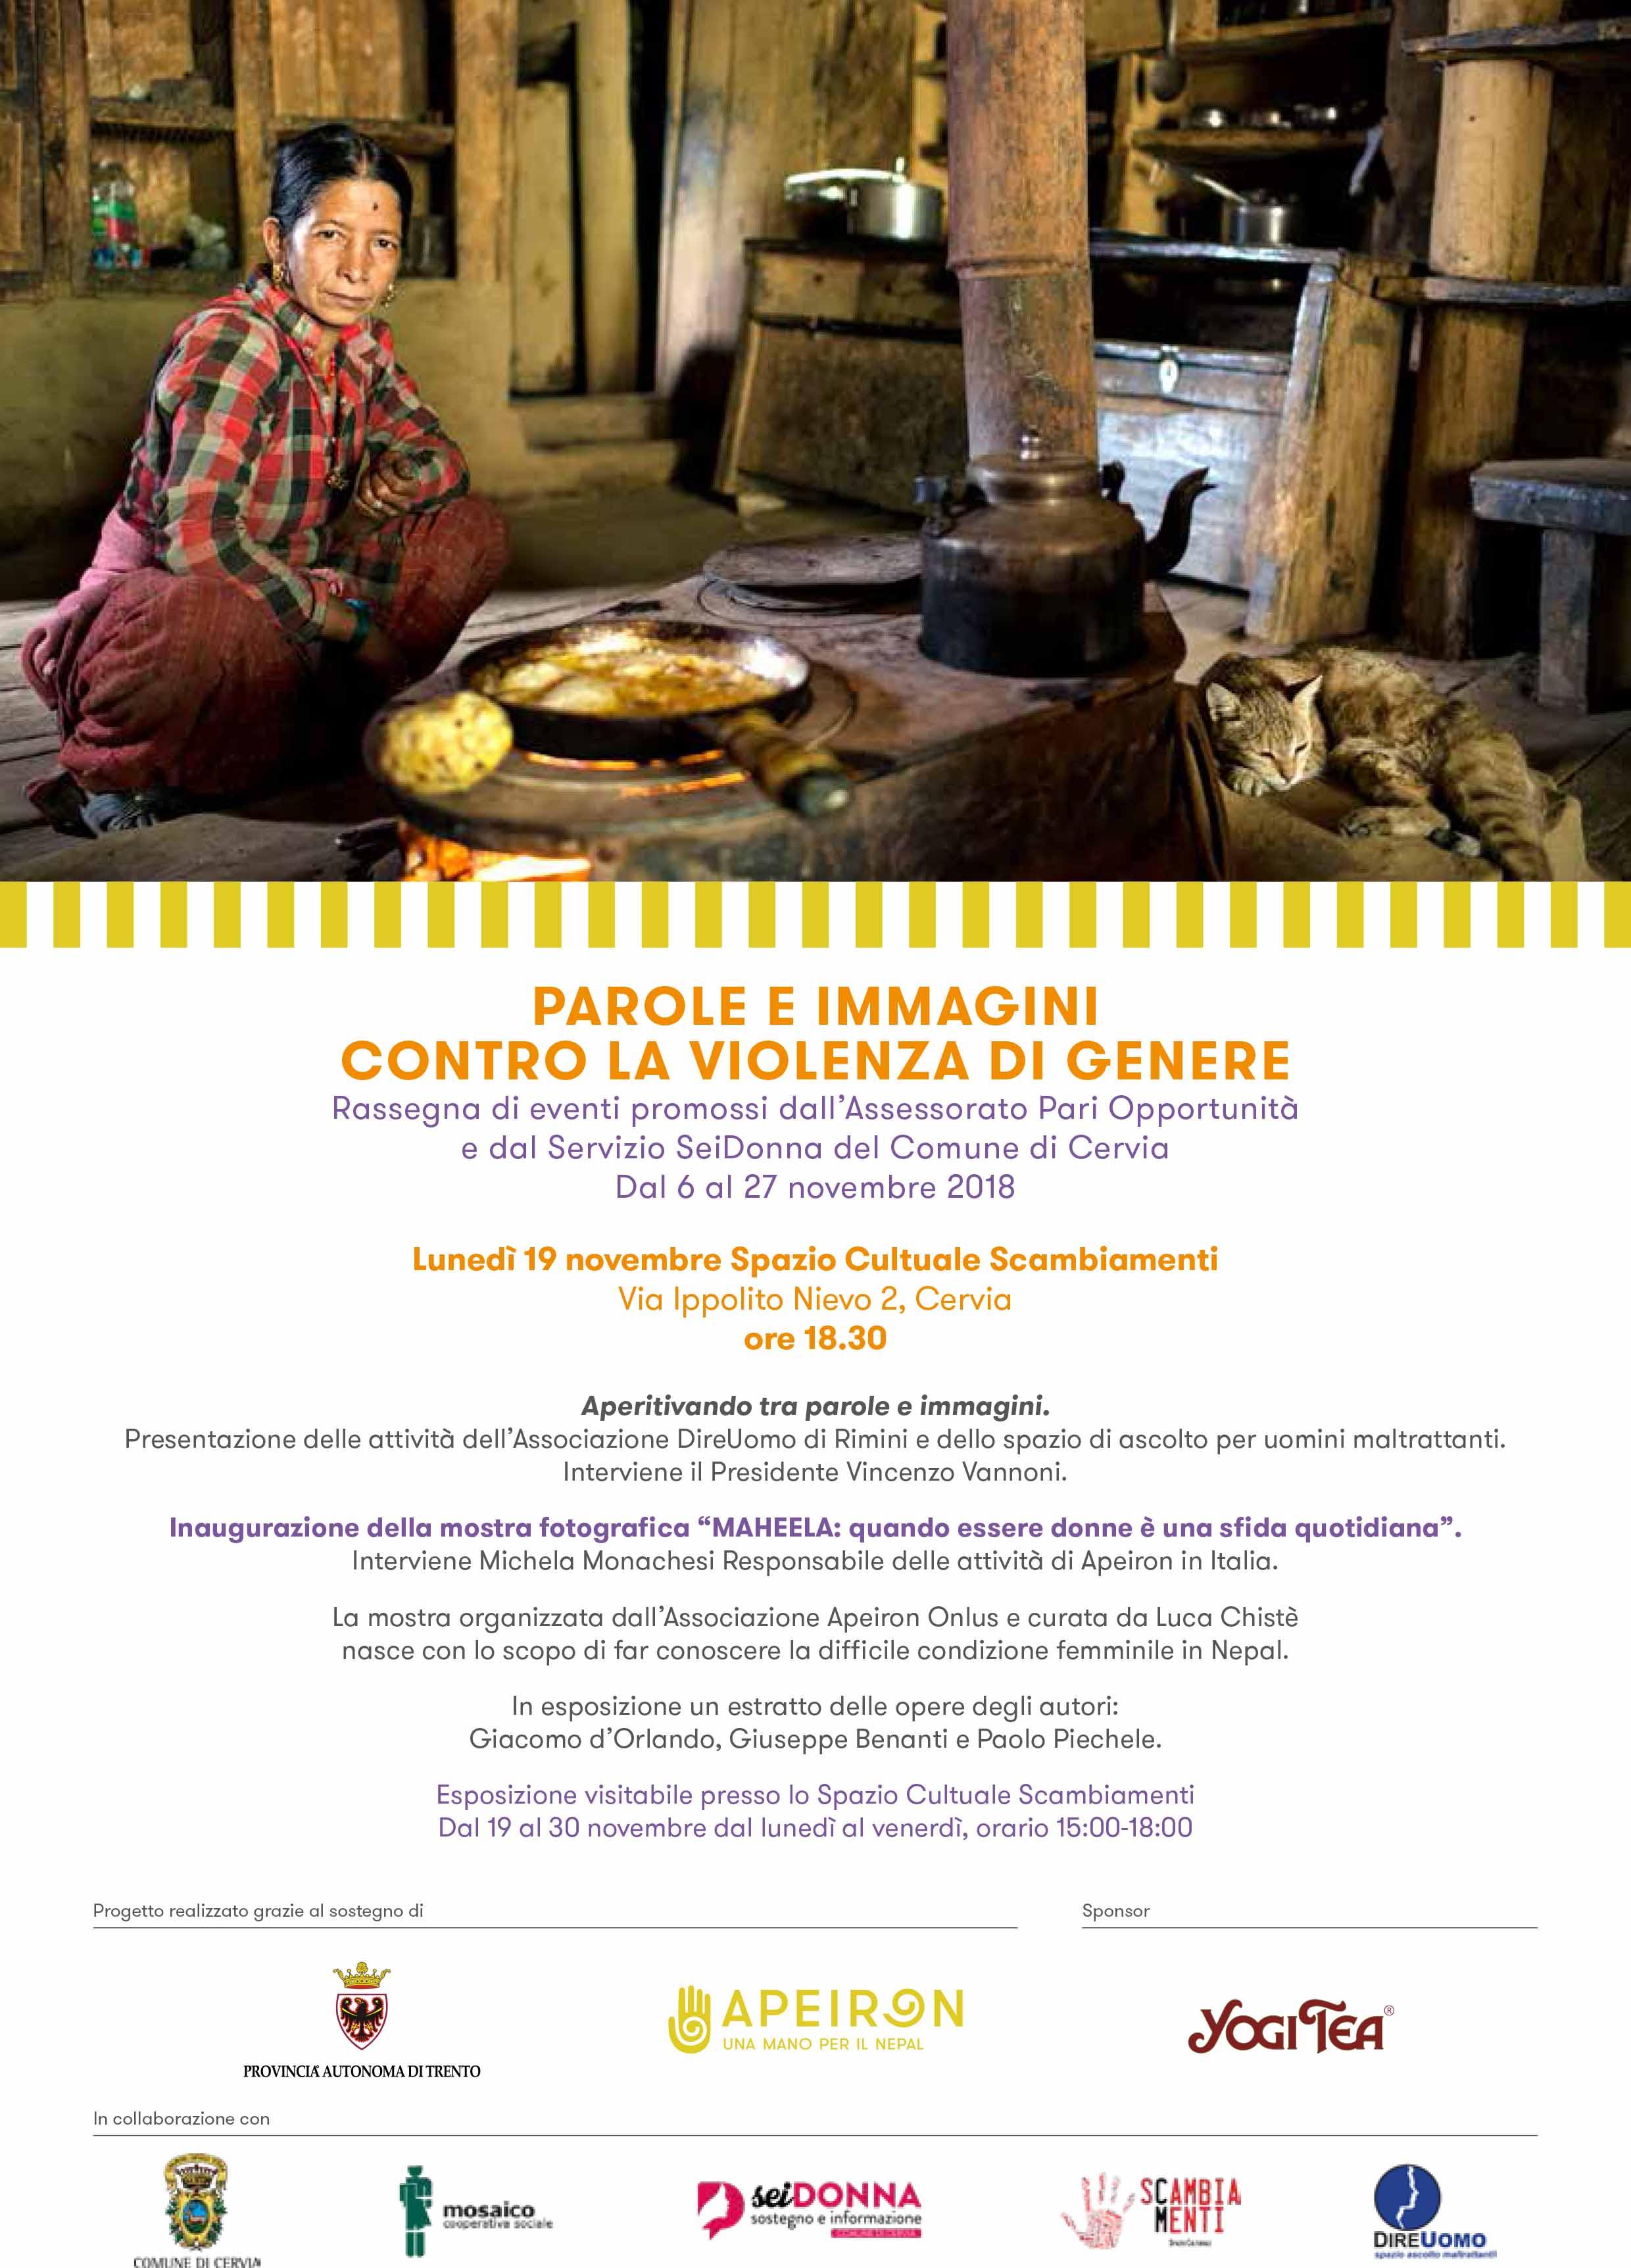 25 novembre, violenza di genere, donne